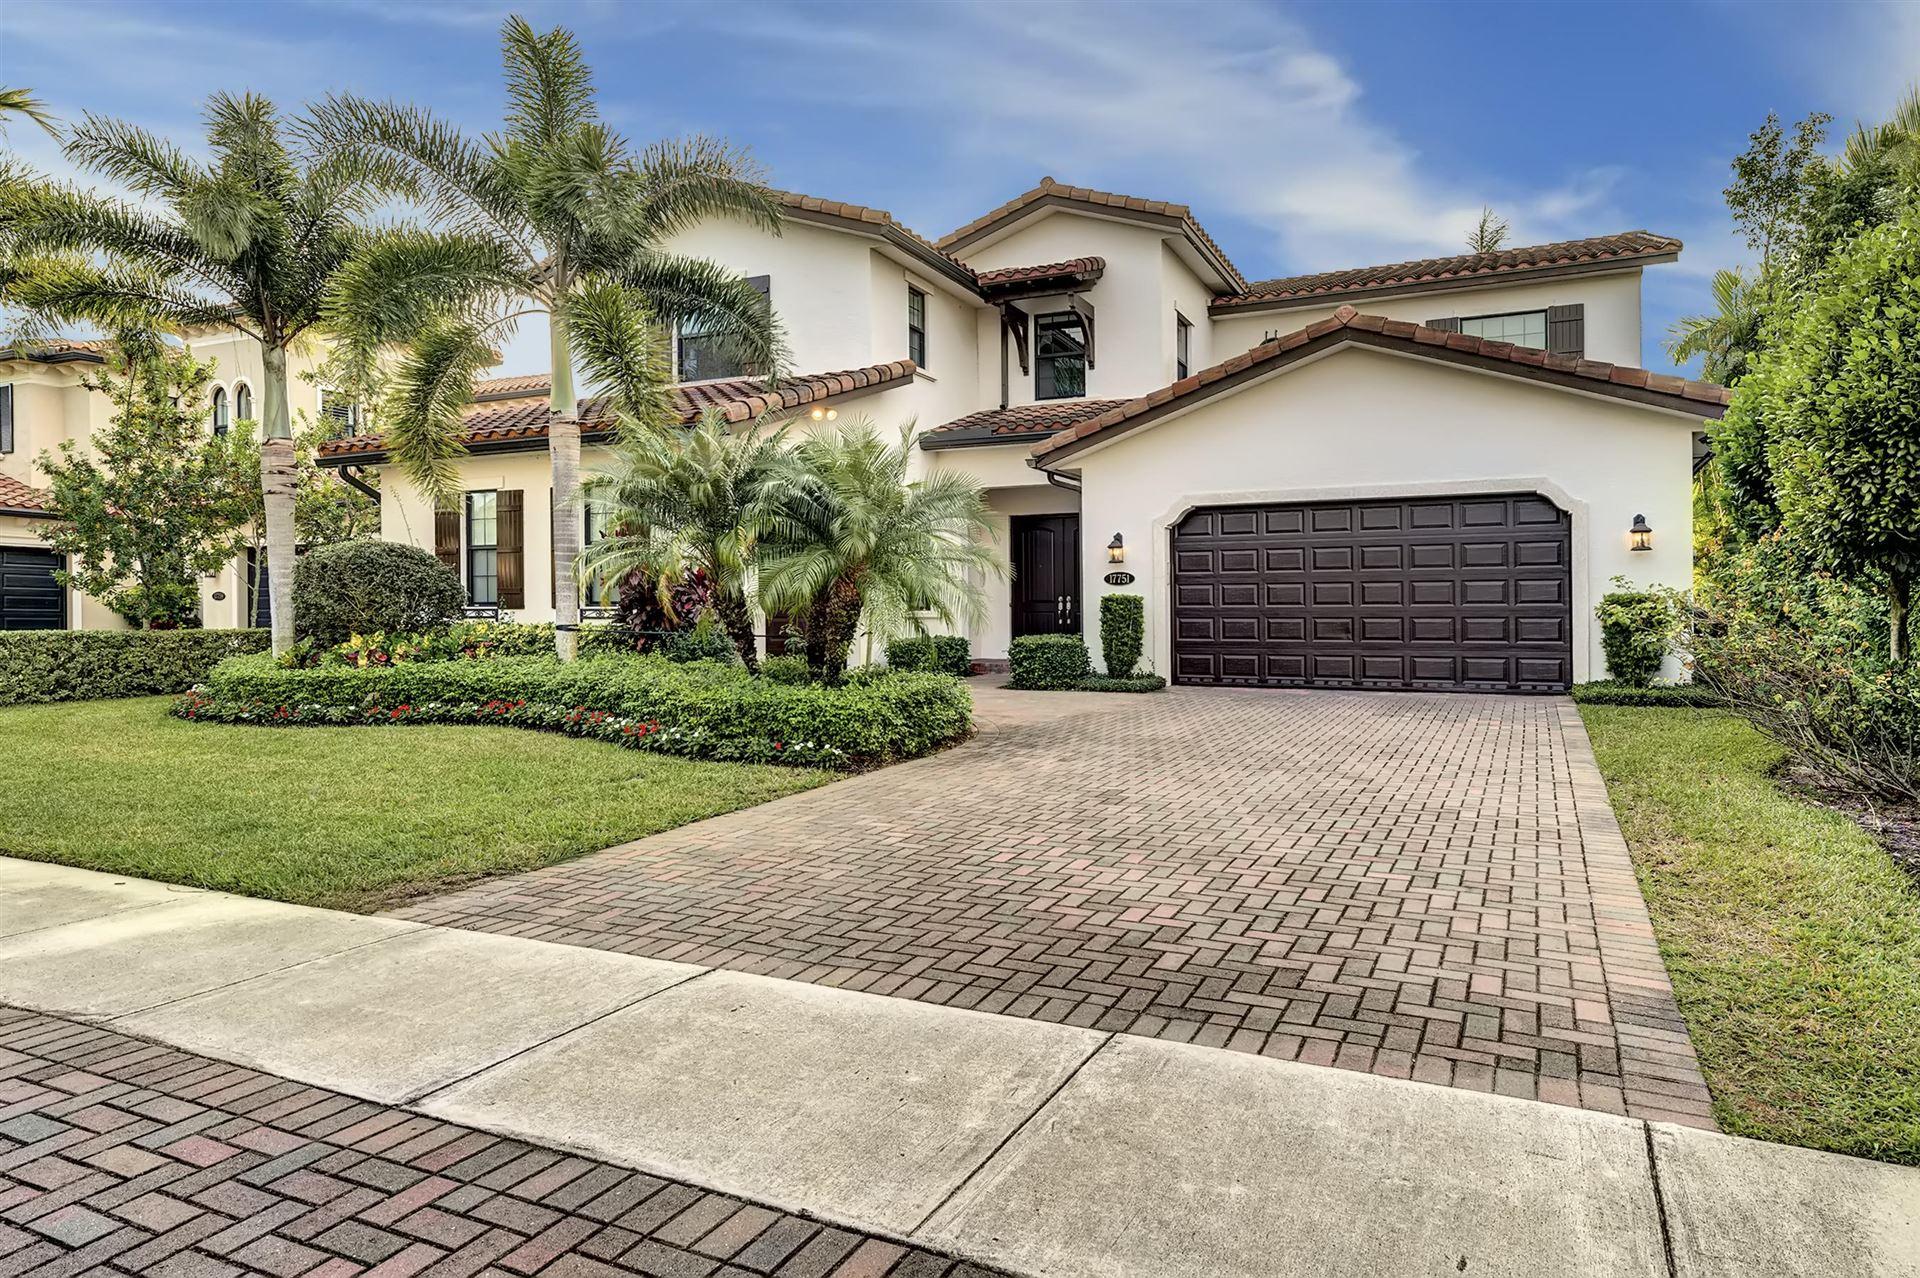 17751 Cadena Drive, Boca Raton, FL 33496 - #: RX-10679698